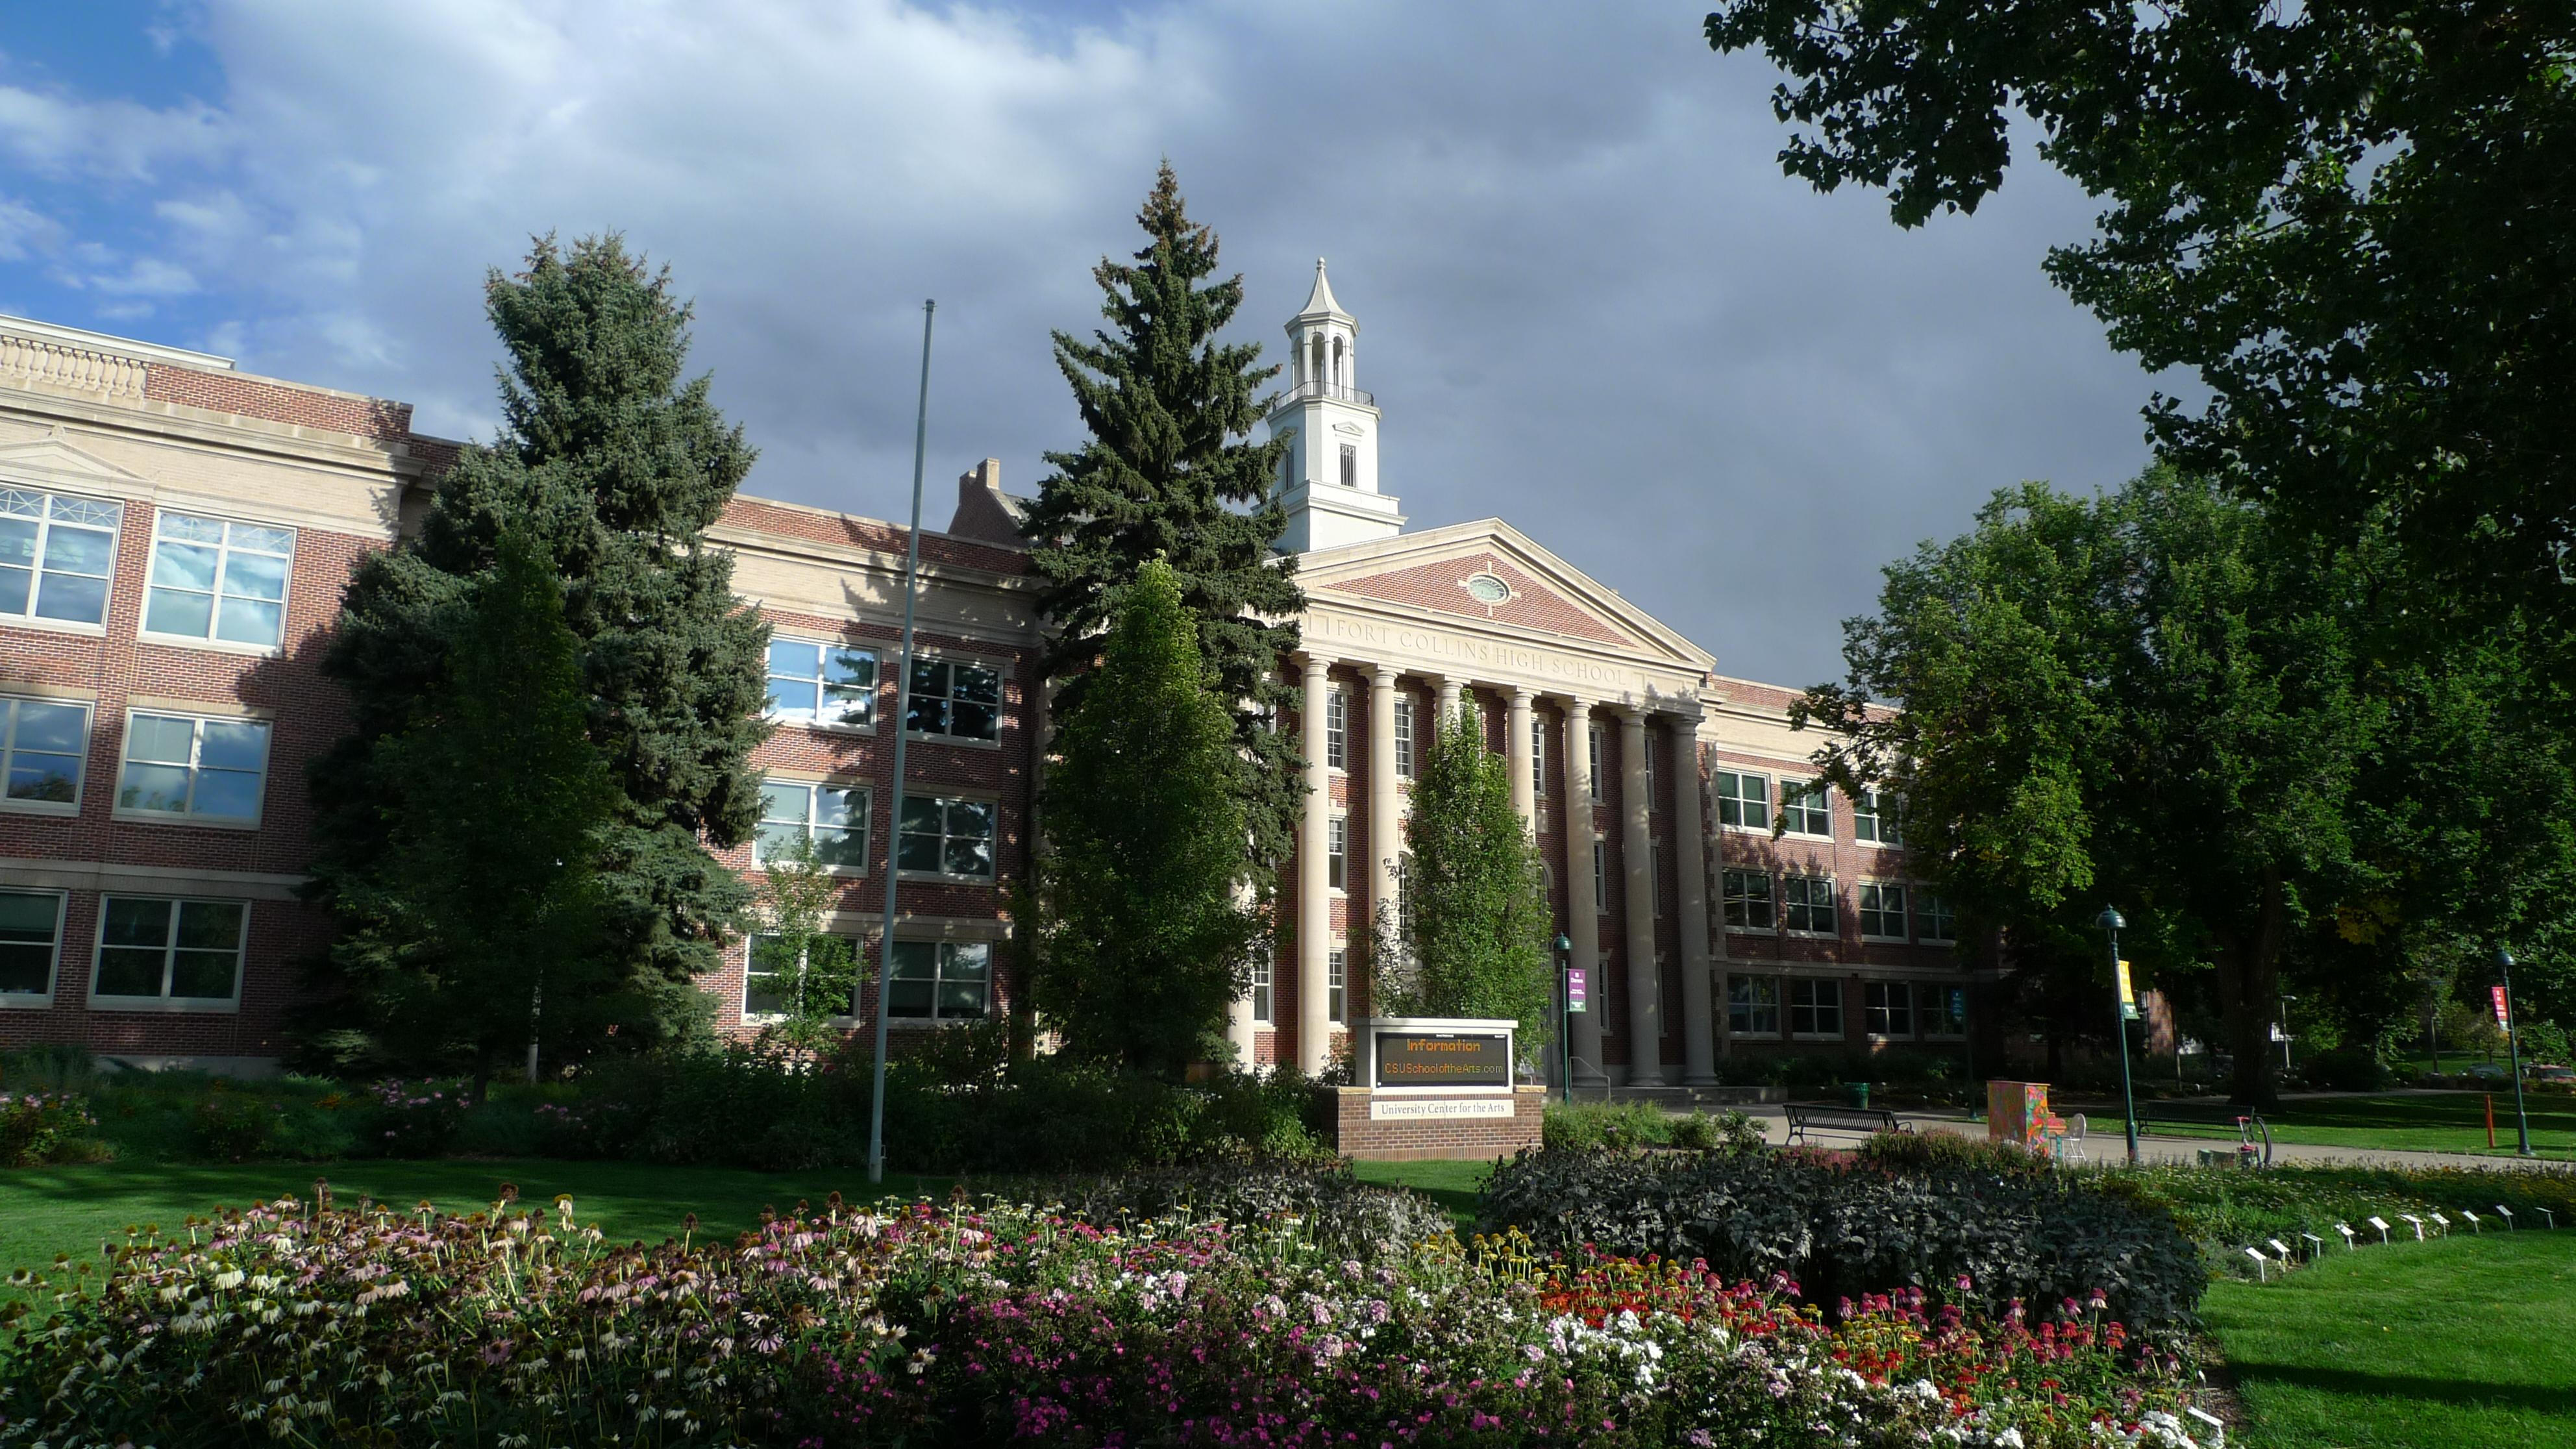 Colorado State University - Fort Collins, Colorado